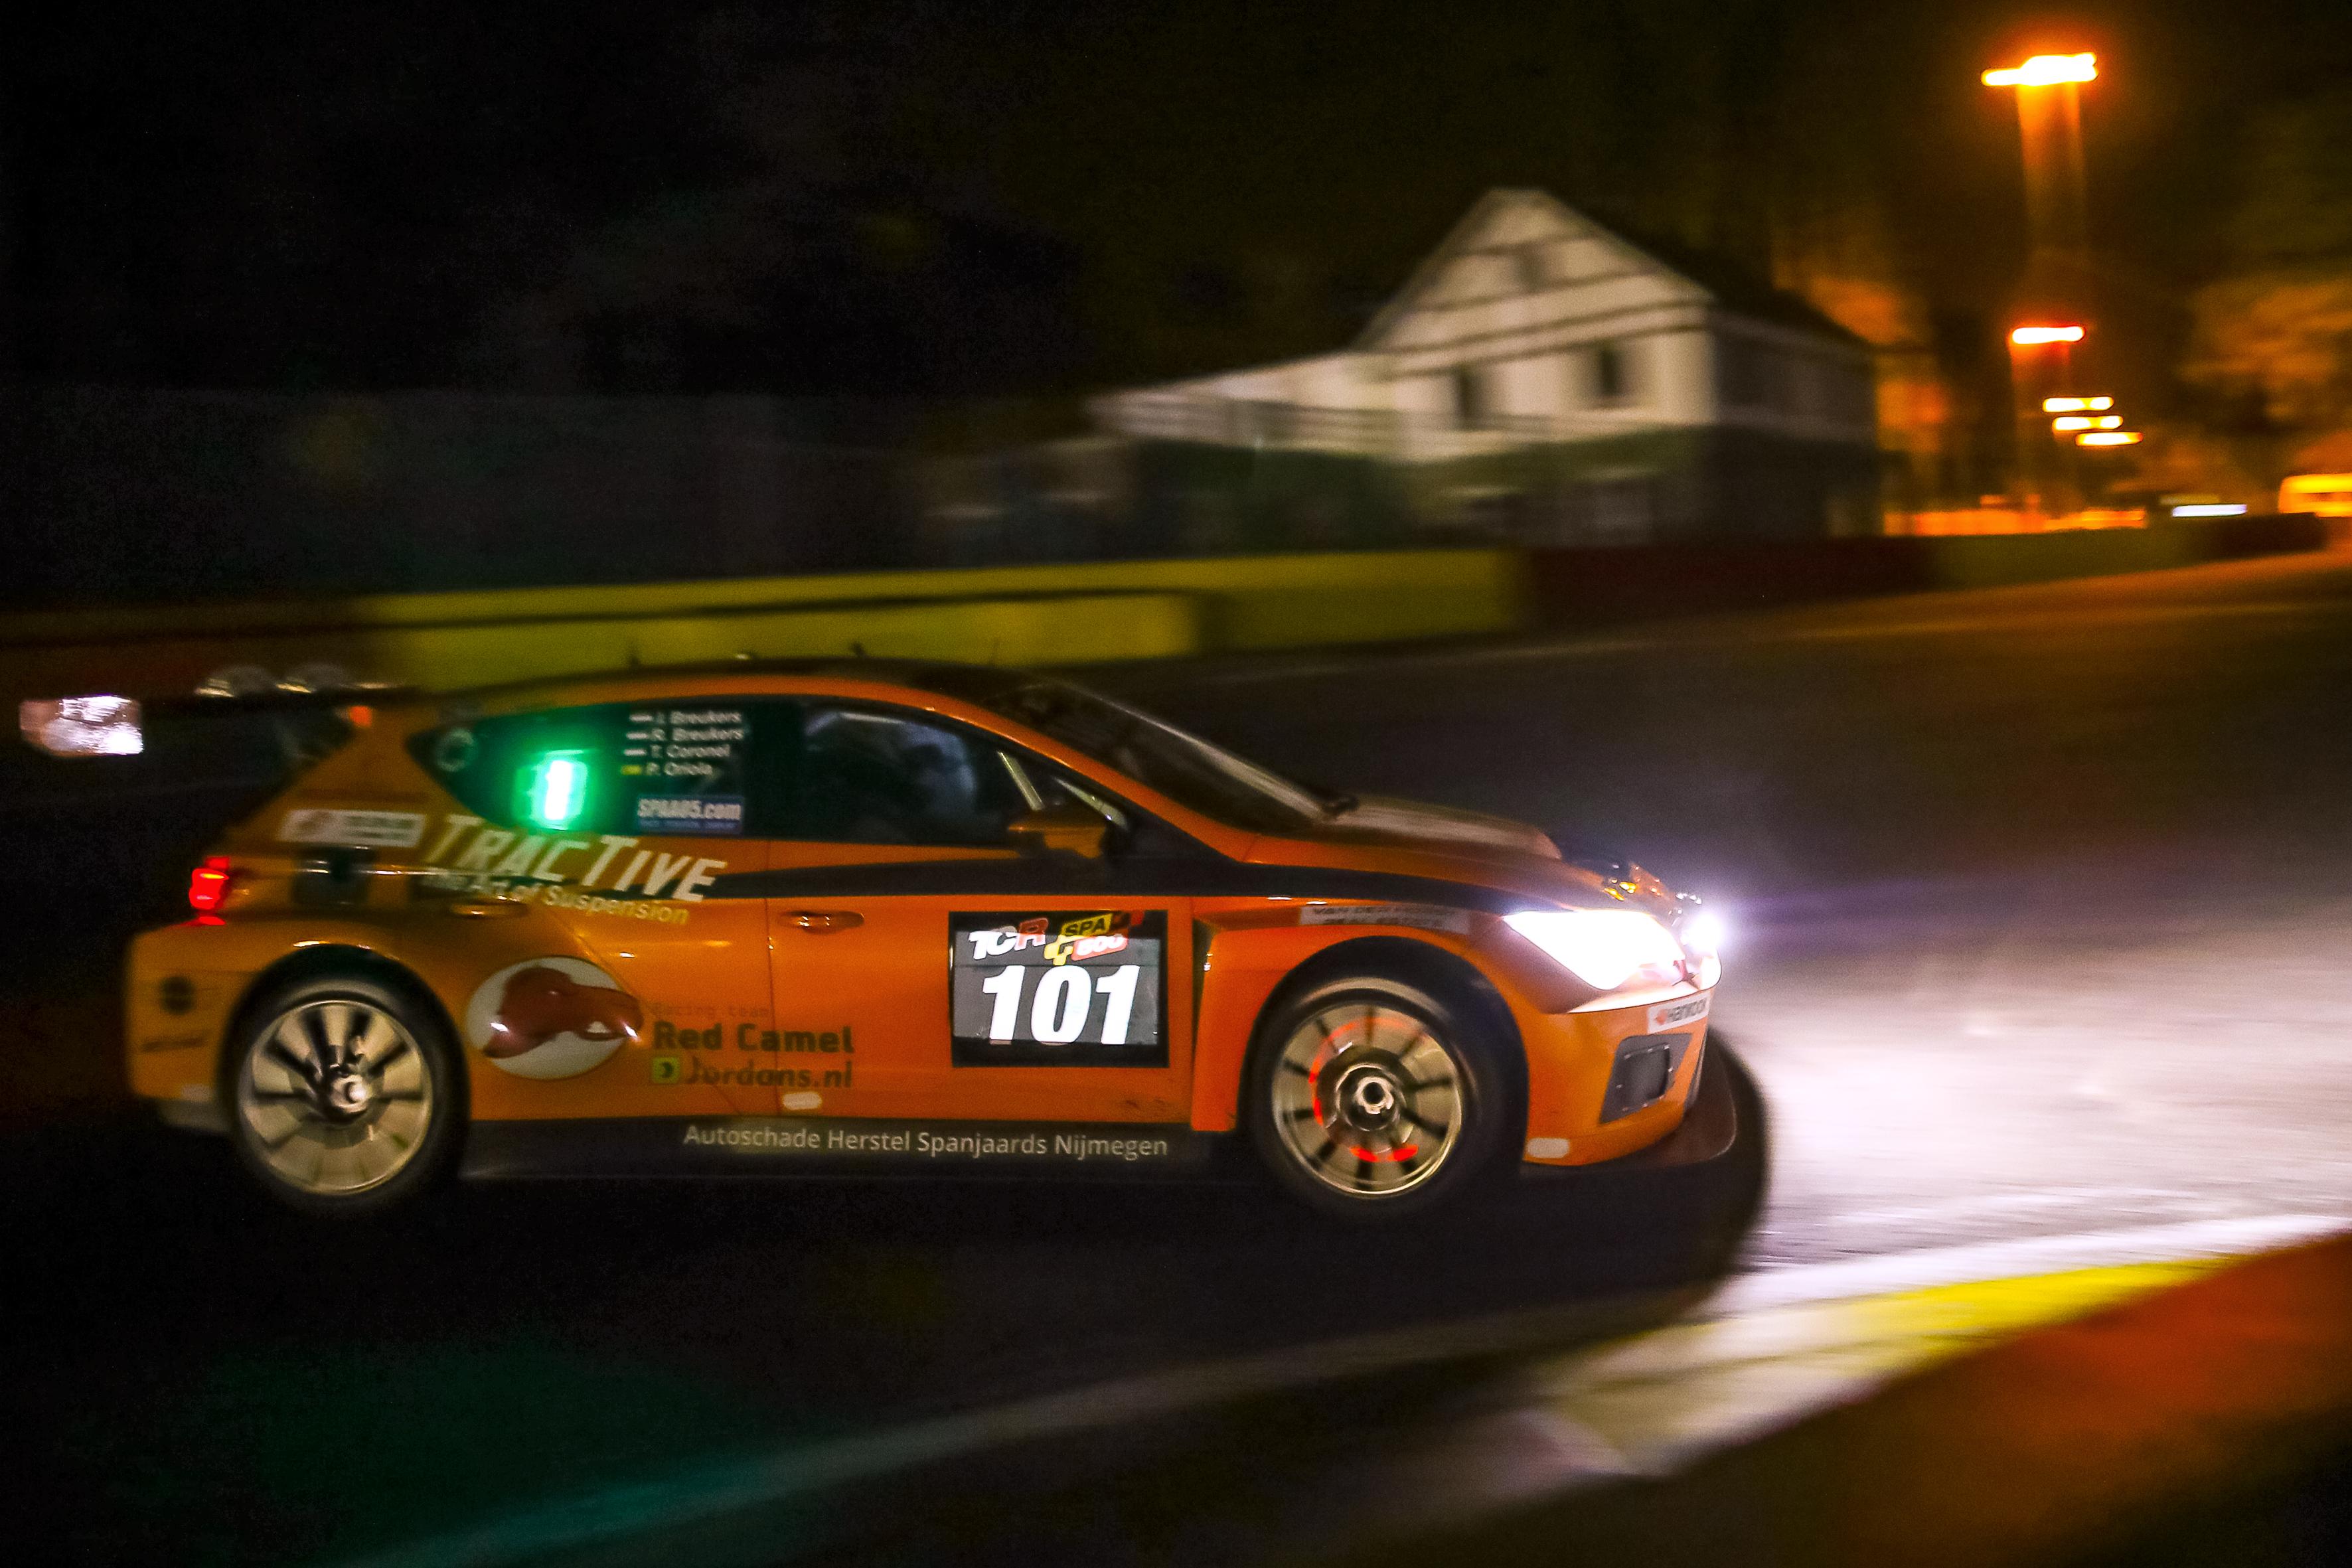 TCR: Coronelék nyerték az első Spa 500-at